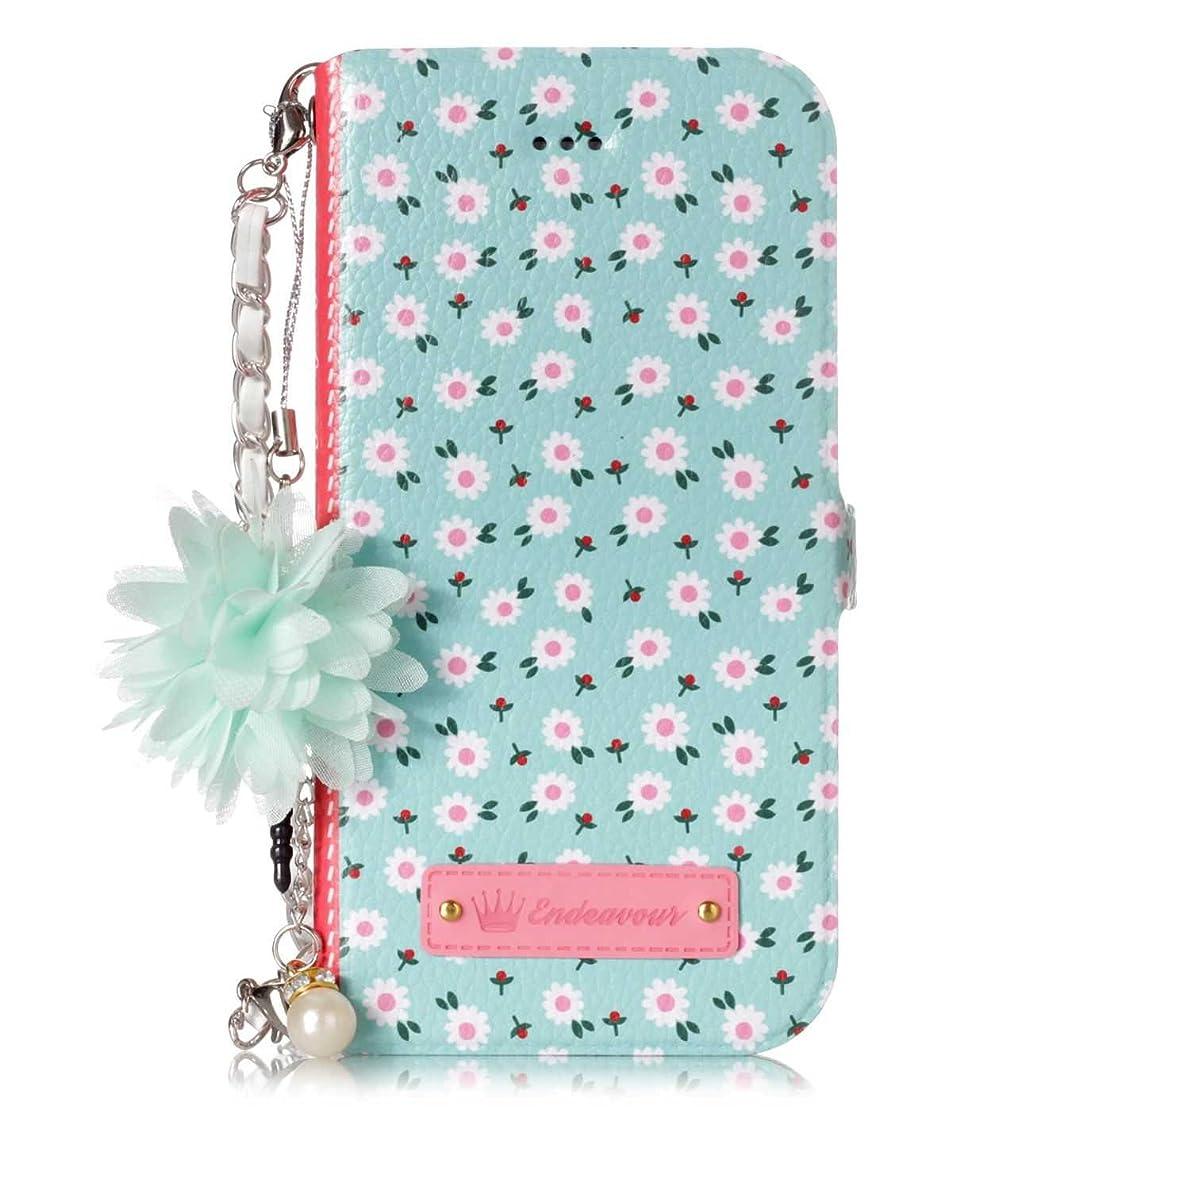 カカドゥデンプシー不正OMATENTI iPhone 7 Plus/iPhone 8 Plus ケース, 簡約風 軽量 PU レザー 財布型 カバー ケース, こがら 花柄 人気 かわいい レディース用 ケース ザー カード収納 スタンド 機能 マグネット, iPhone 7 Plus/iPhone 8 Plus 用 Case Cover, 小さなデイジー